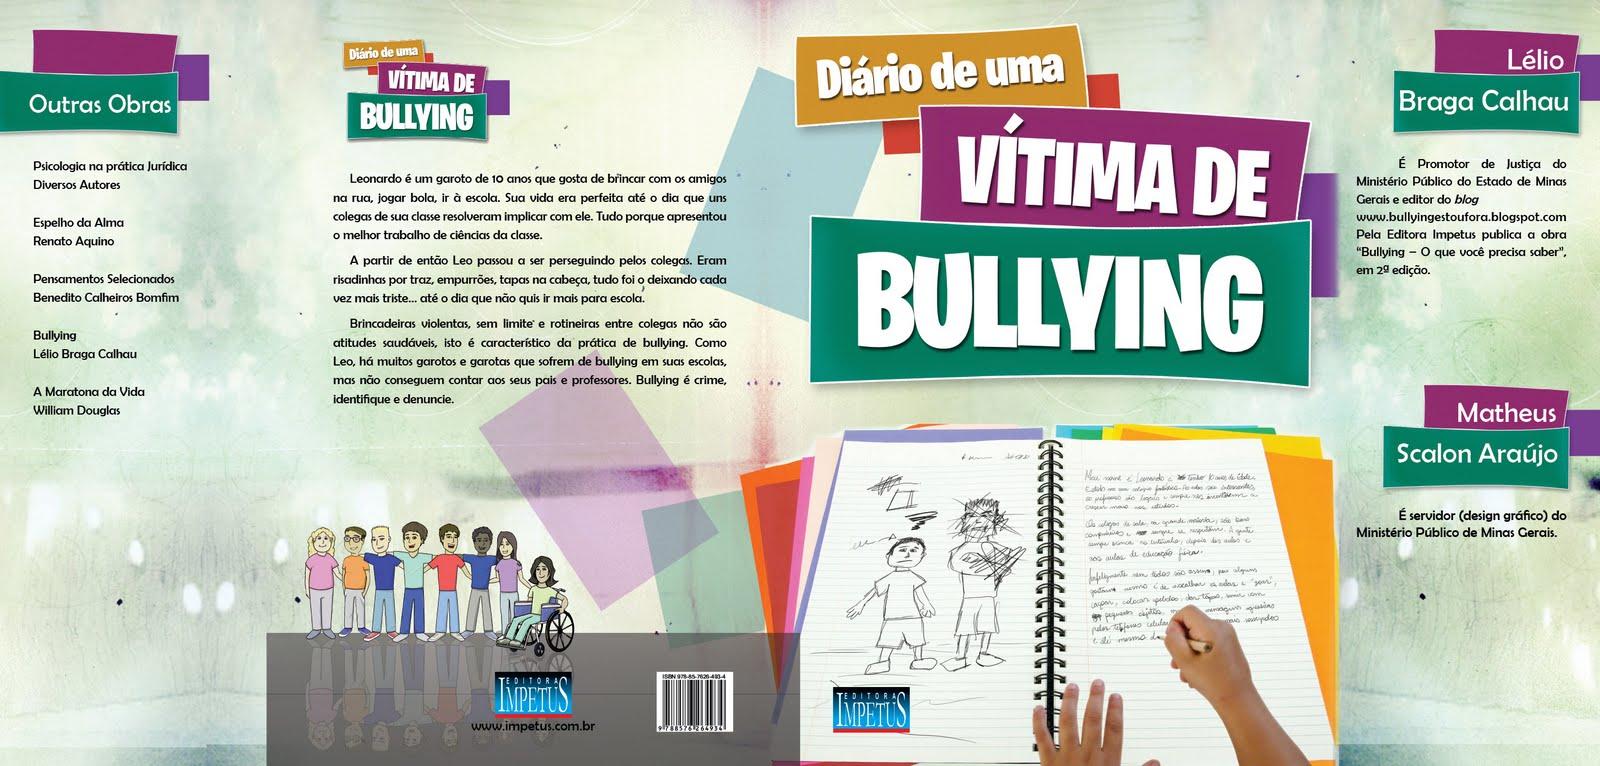 """Livro """"Diário de uma vítima de bullying"""""""